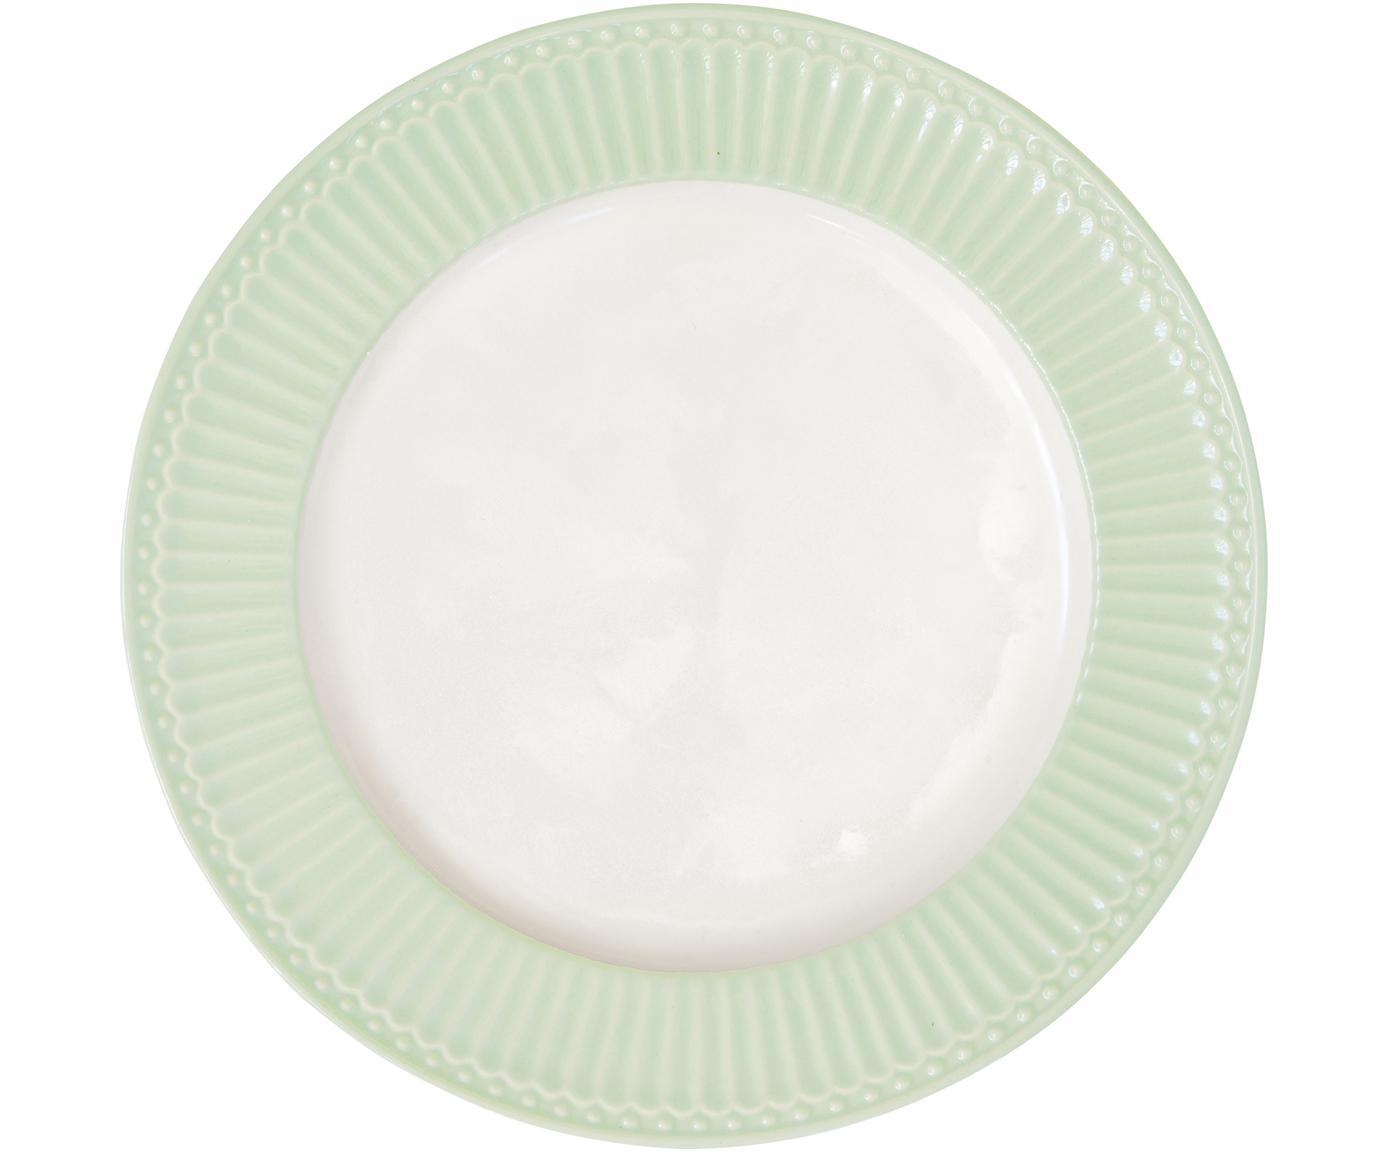 Platos llanos Alice, 2uds., Porcelana, Verde menta, blanco, Ø 27 cm